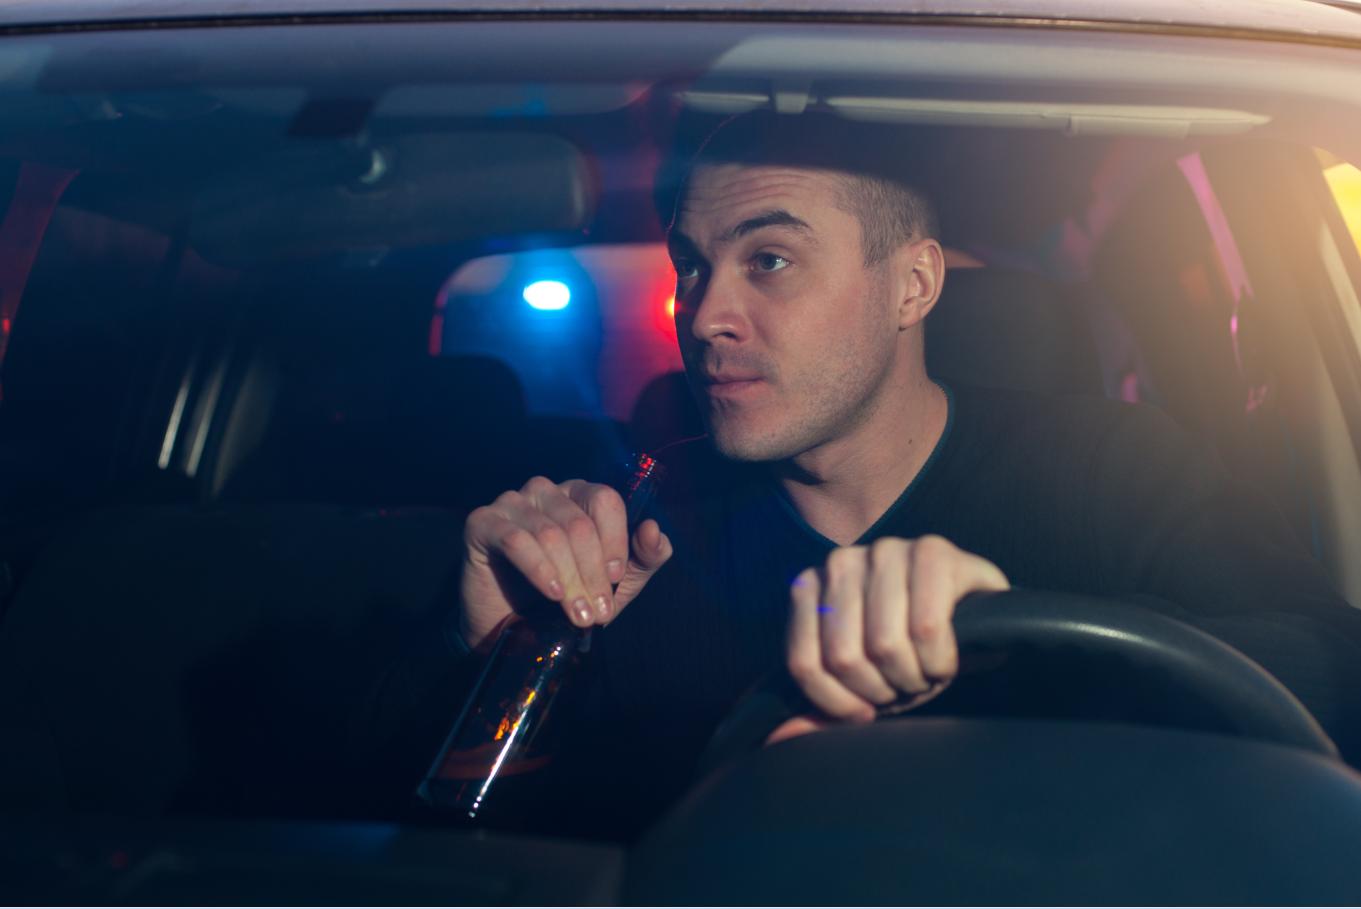 Drink Driving Police Procedure Uk